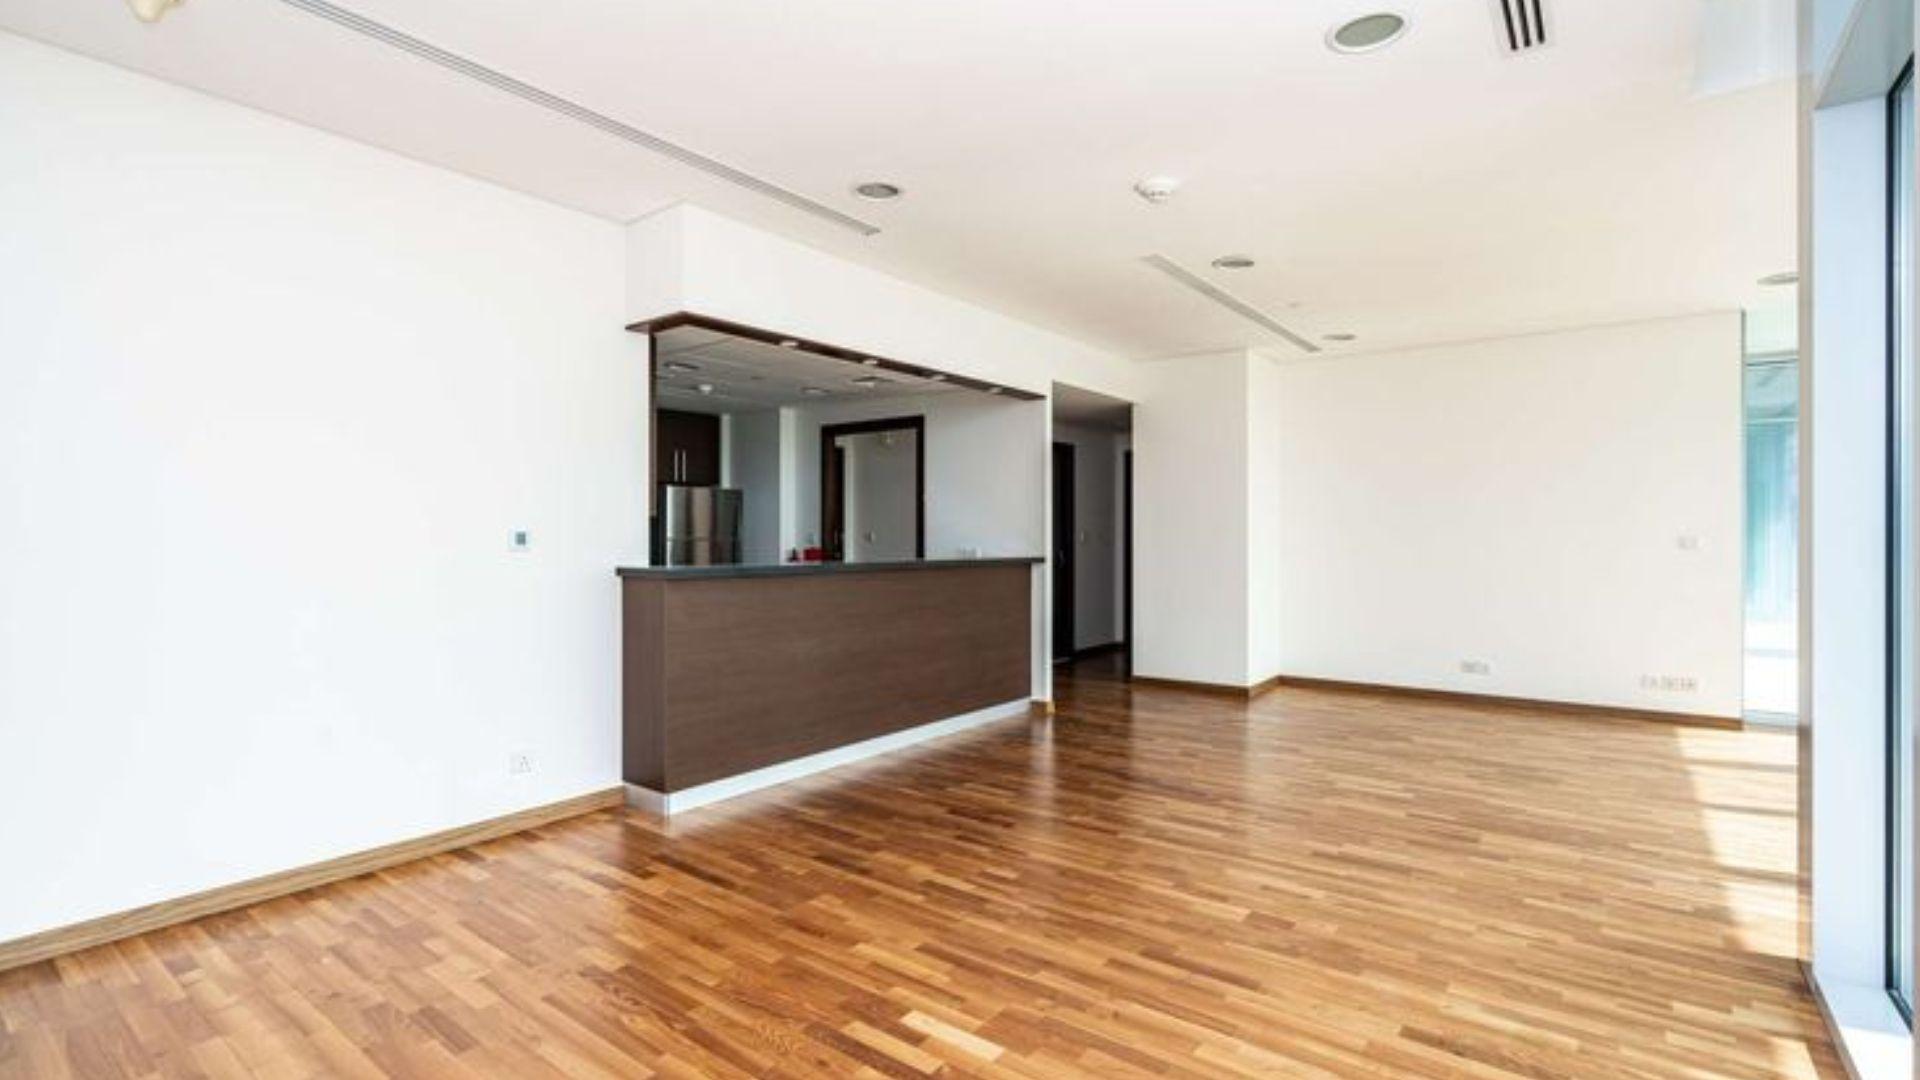 Apartamento en venta en Dubai, EAU, 1 dormitorio, 83 m2, № 24645 – foto 2